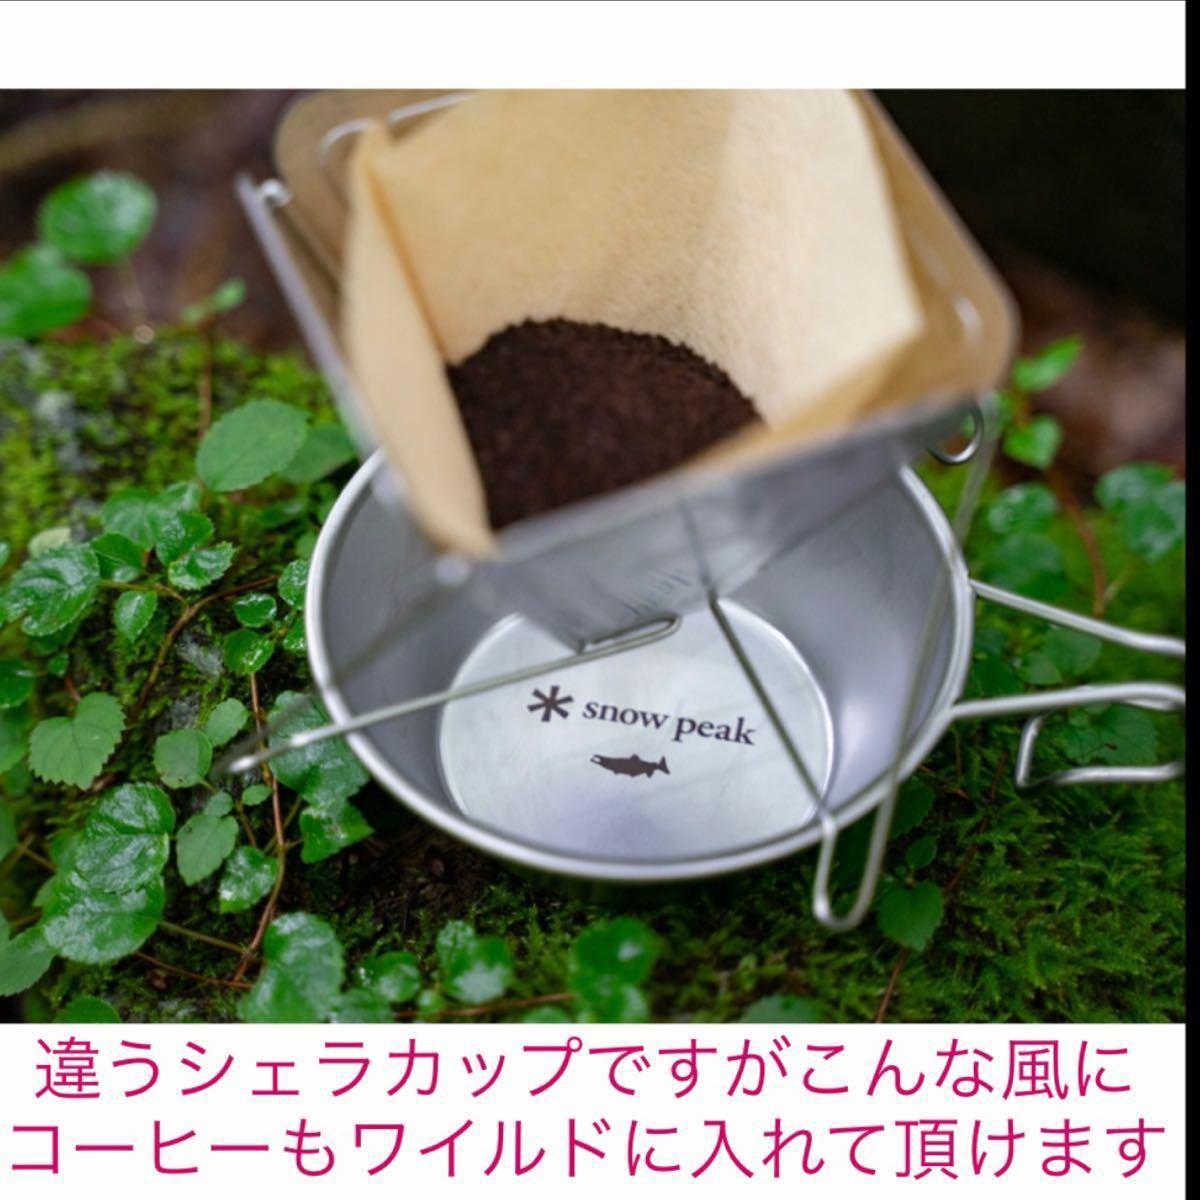 スノーピーク チタンシェラカップ 2個セット E-104★ 【新品未使用】snow peak